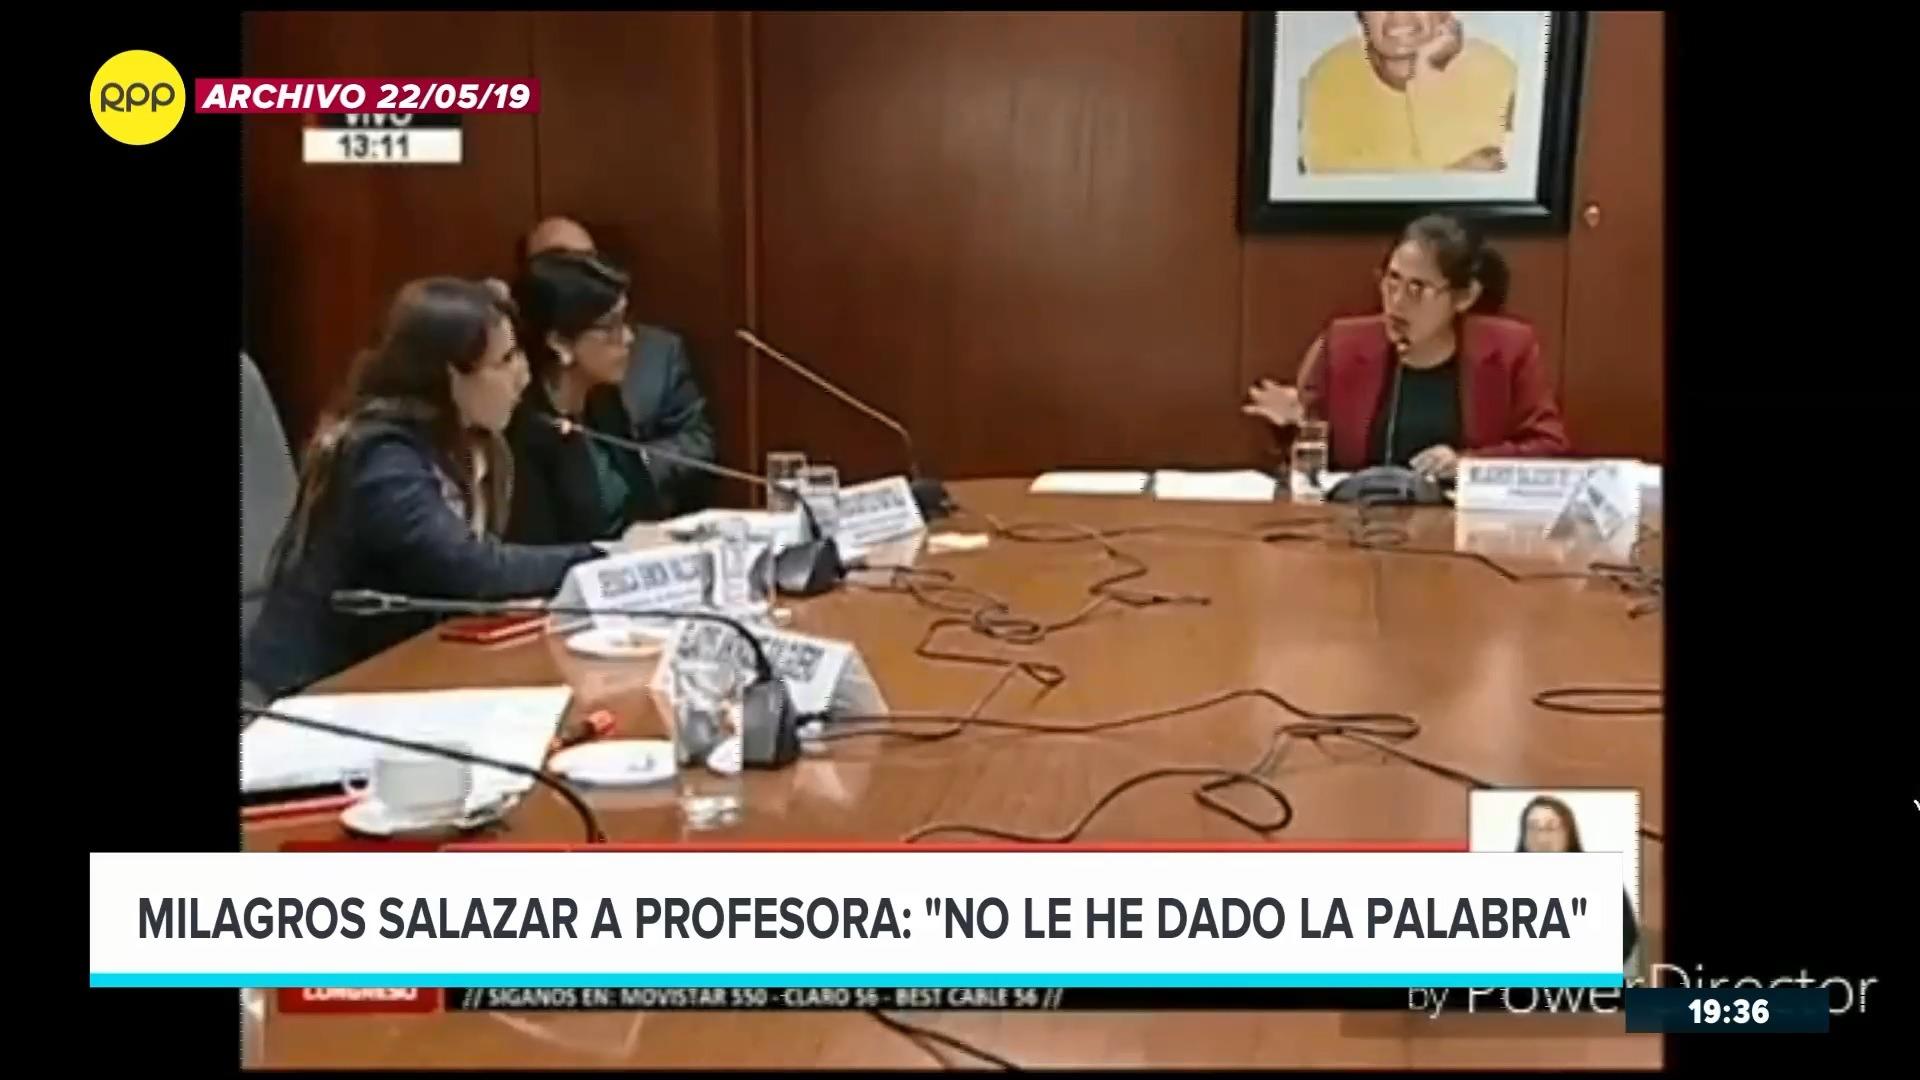 La parlamentaria interrumpió a una docente durante una sesión de la Comisión de Educación.